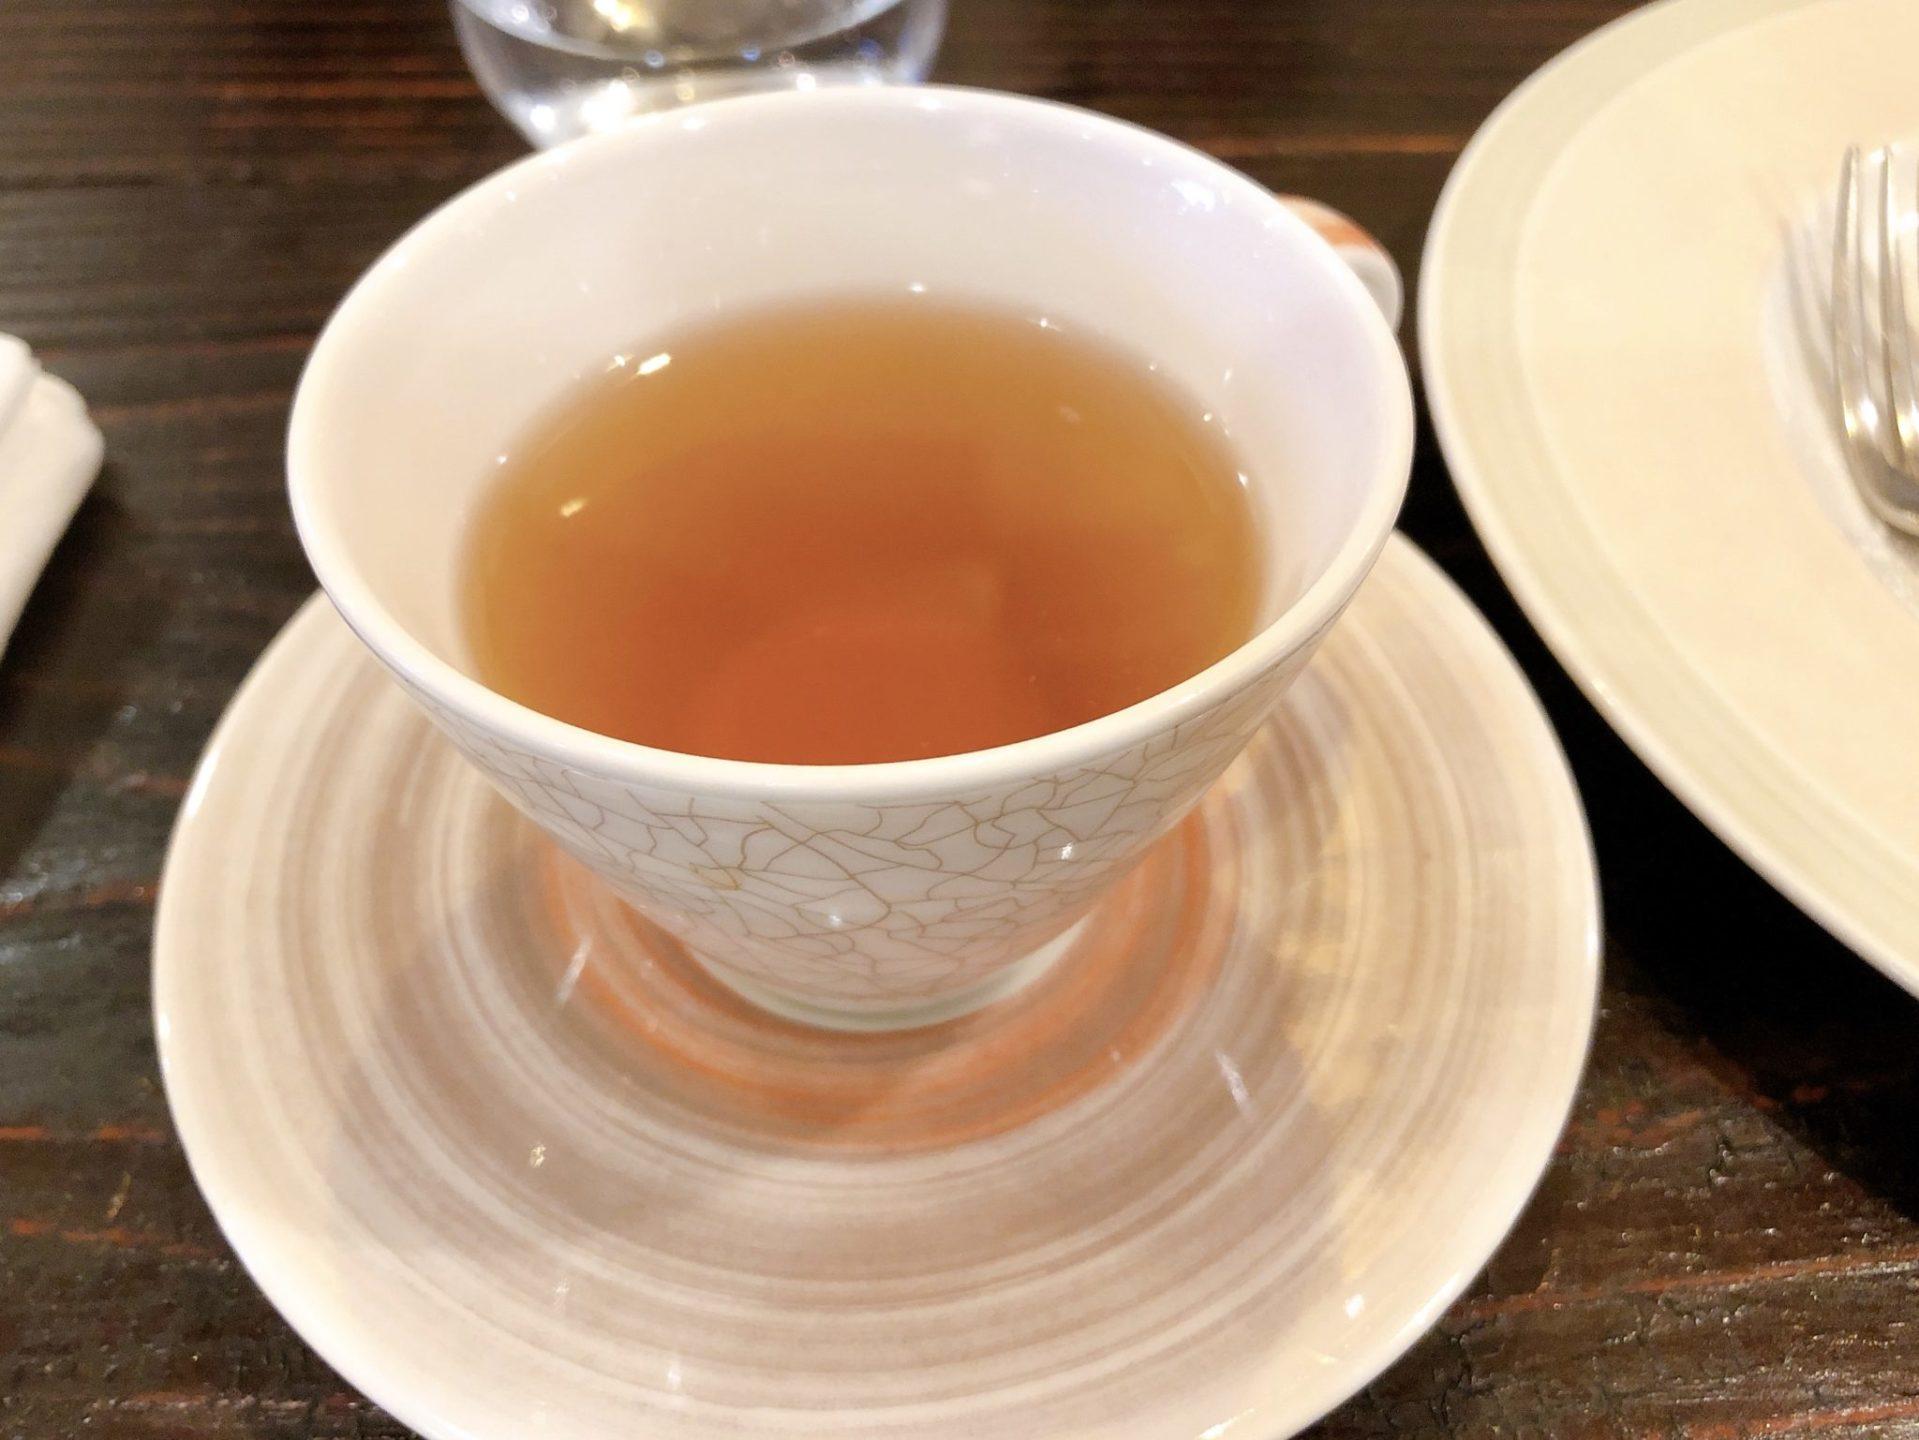 ズッペリア オステリア ピティリアーノ 祖師谷の紅茶